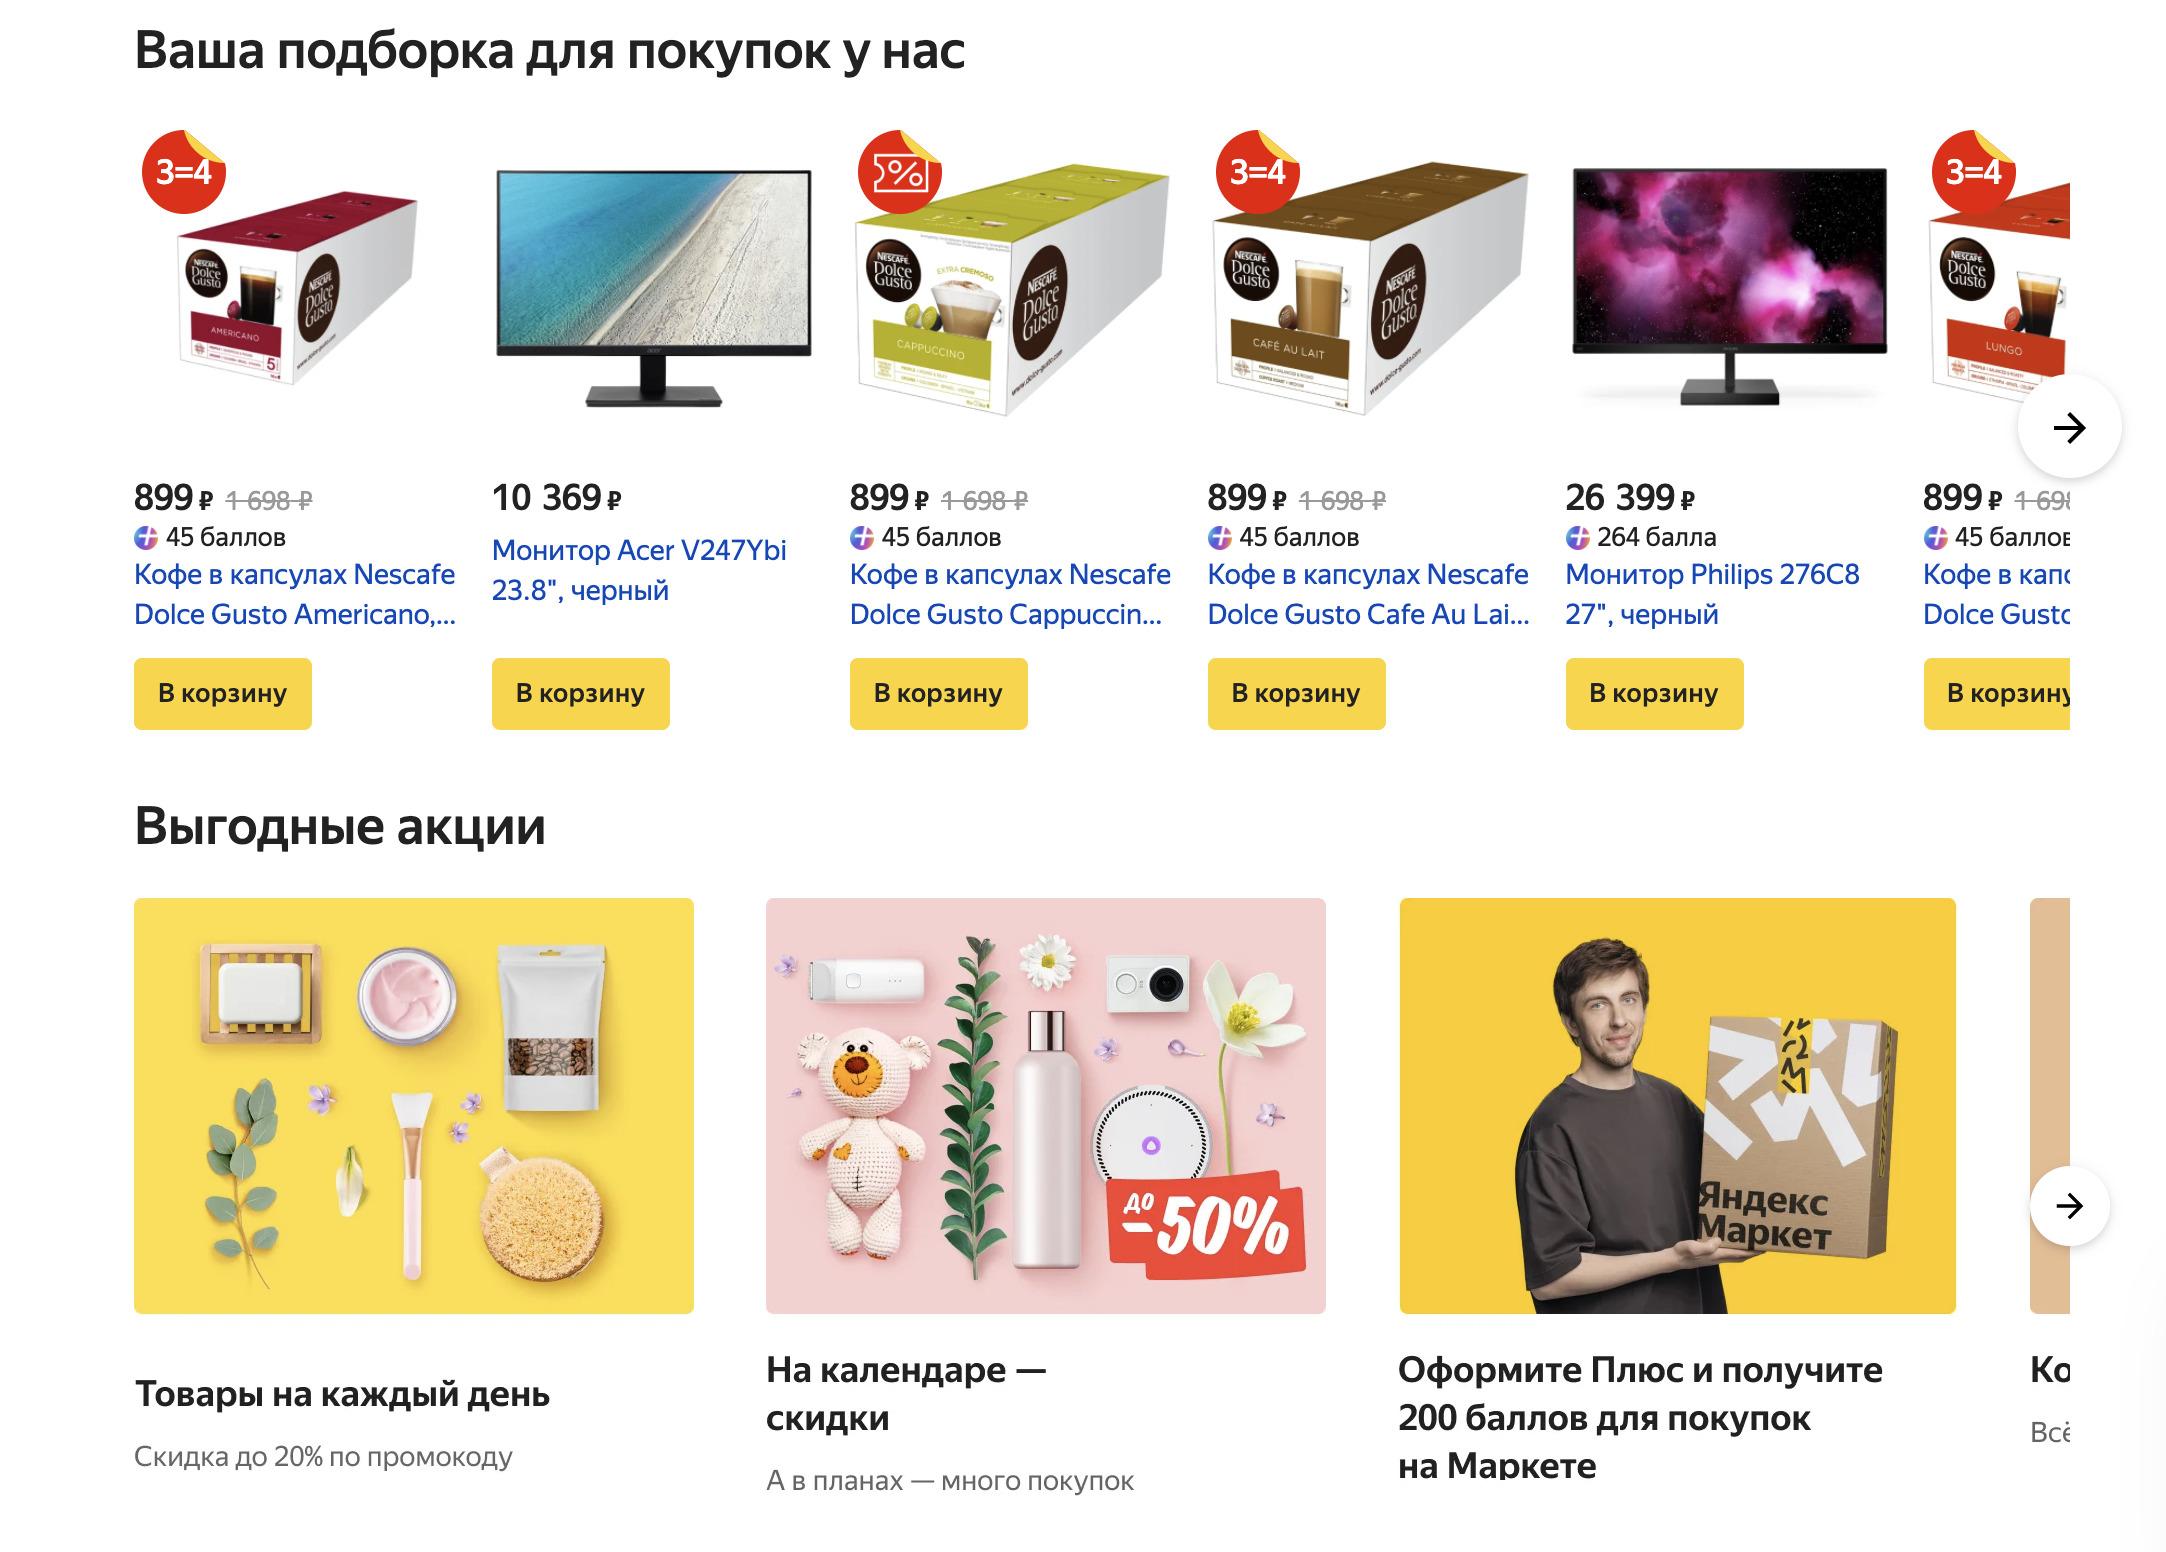 Доставка из Яндекс.Маркет в Лысьва, сроки, пункты выдачи, каталог